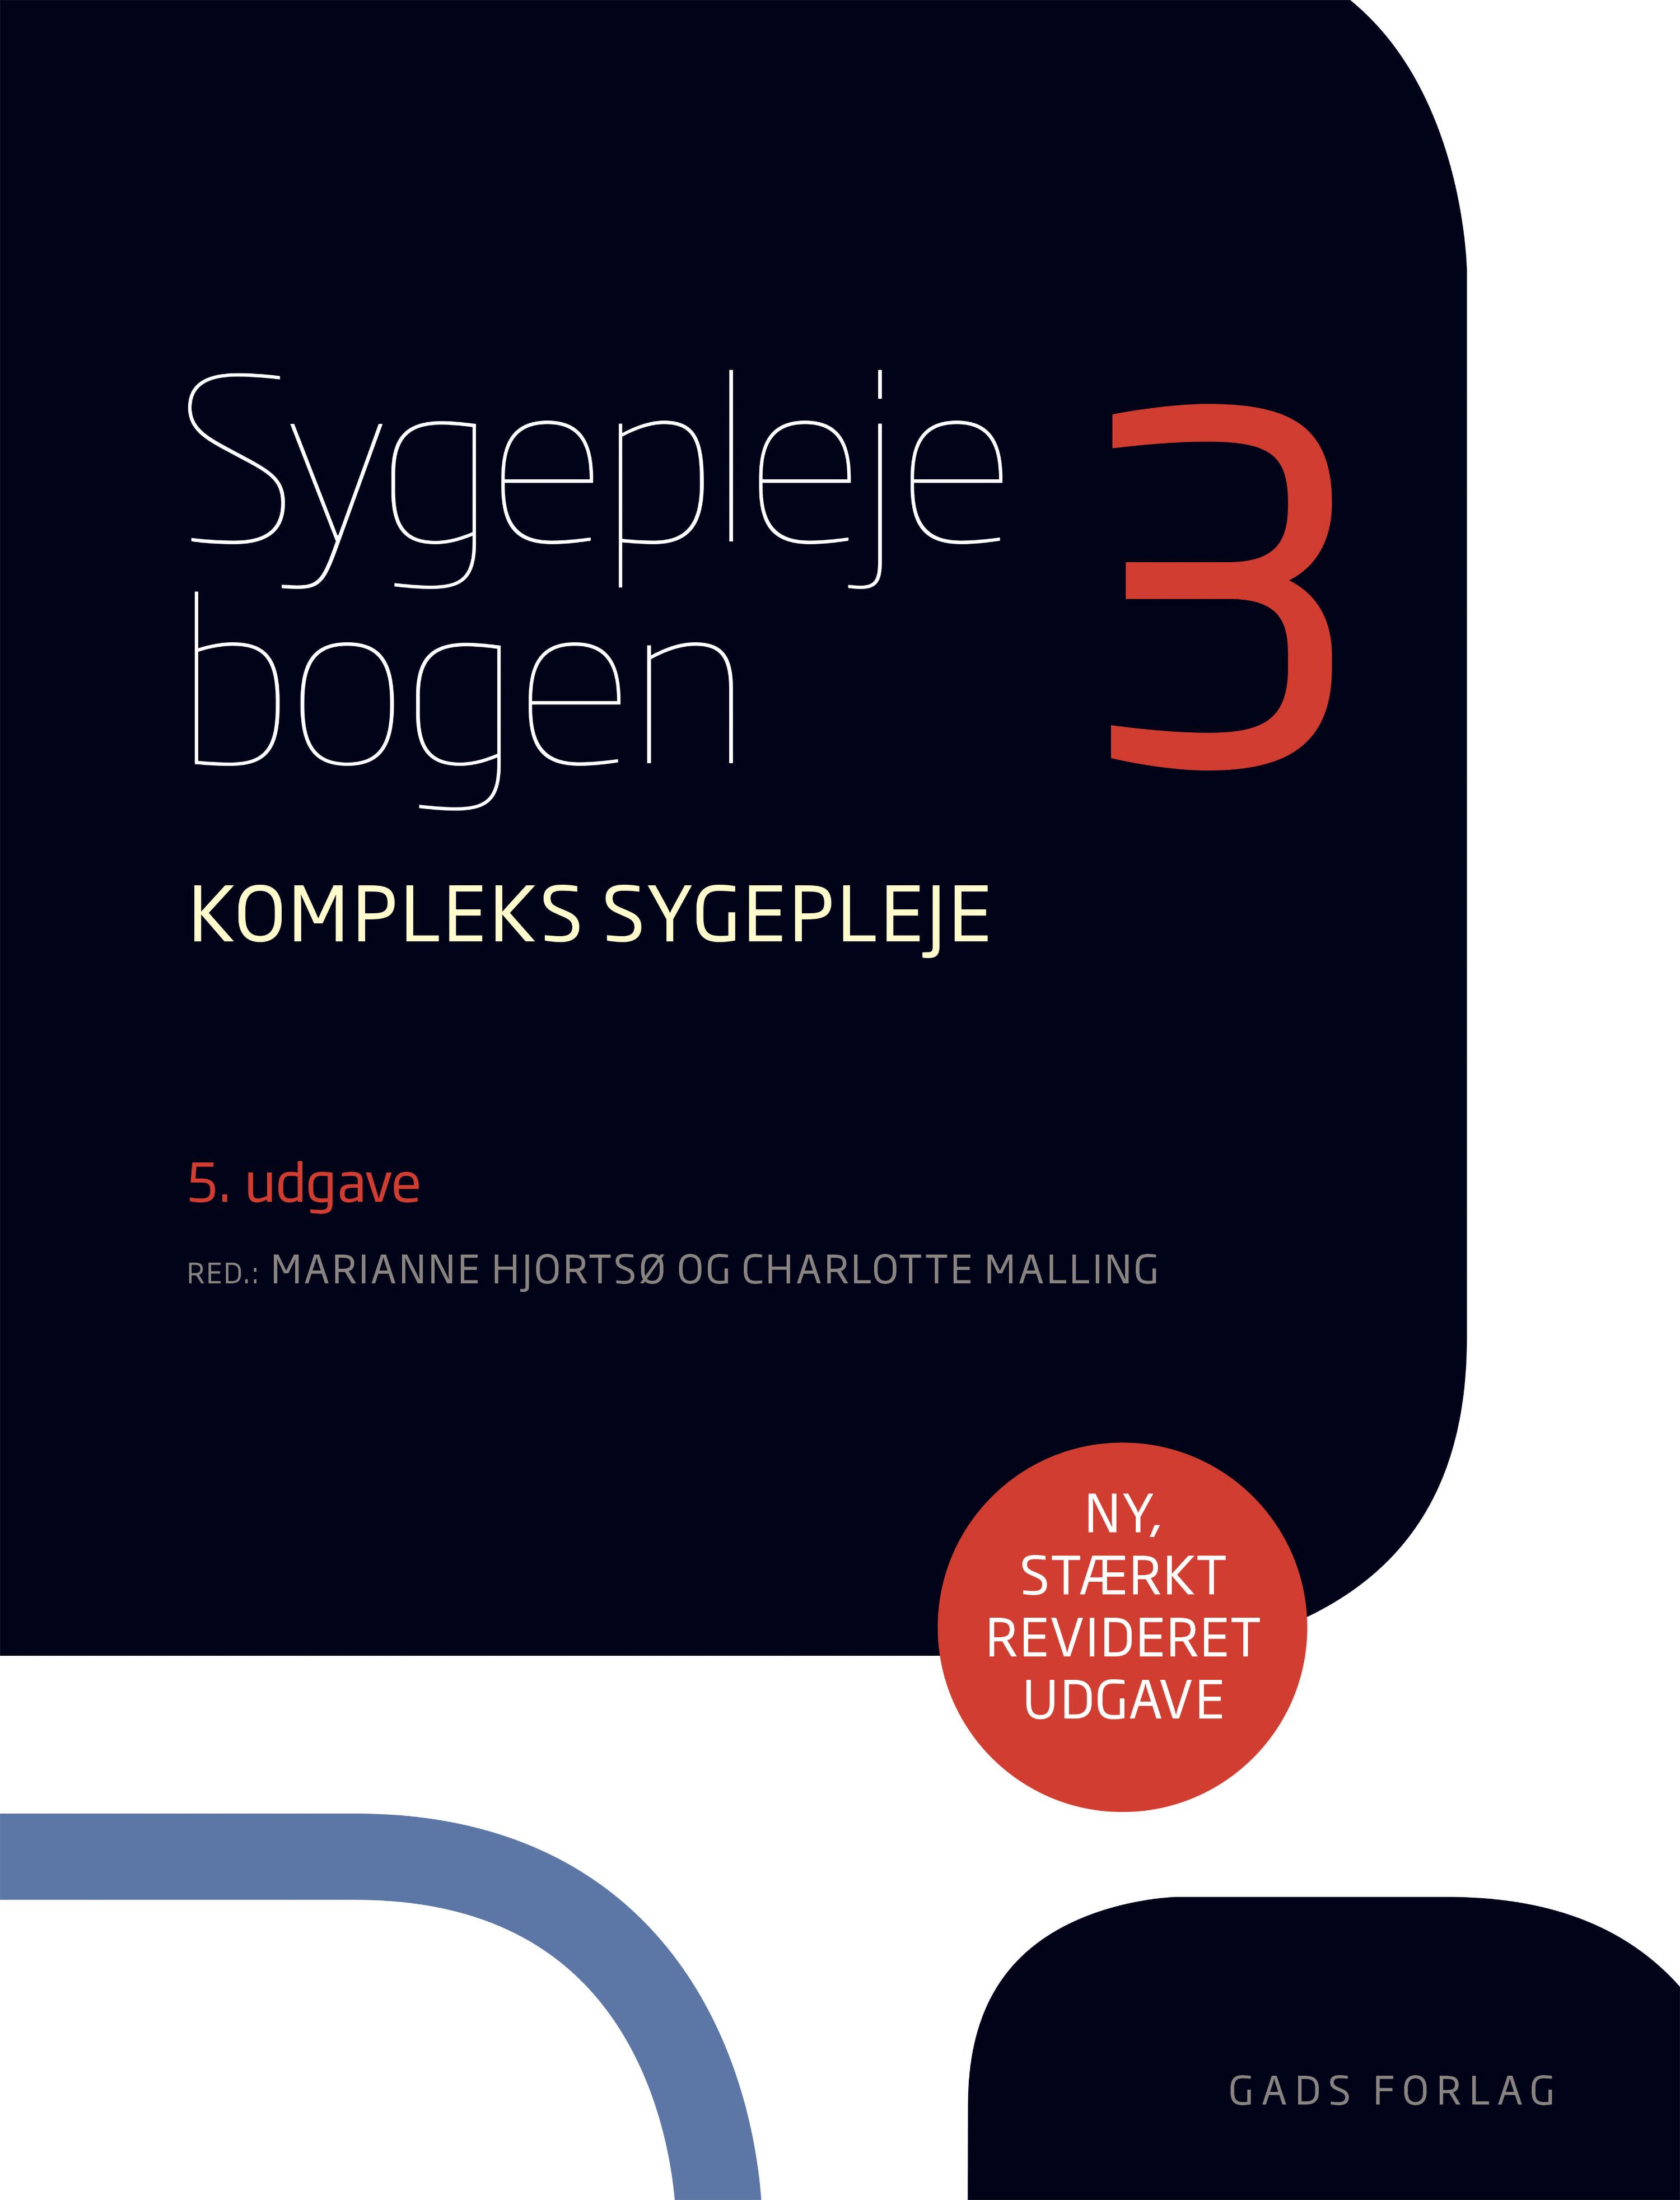 Sygeplejebogen 3